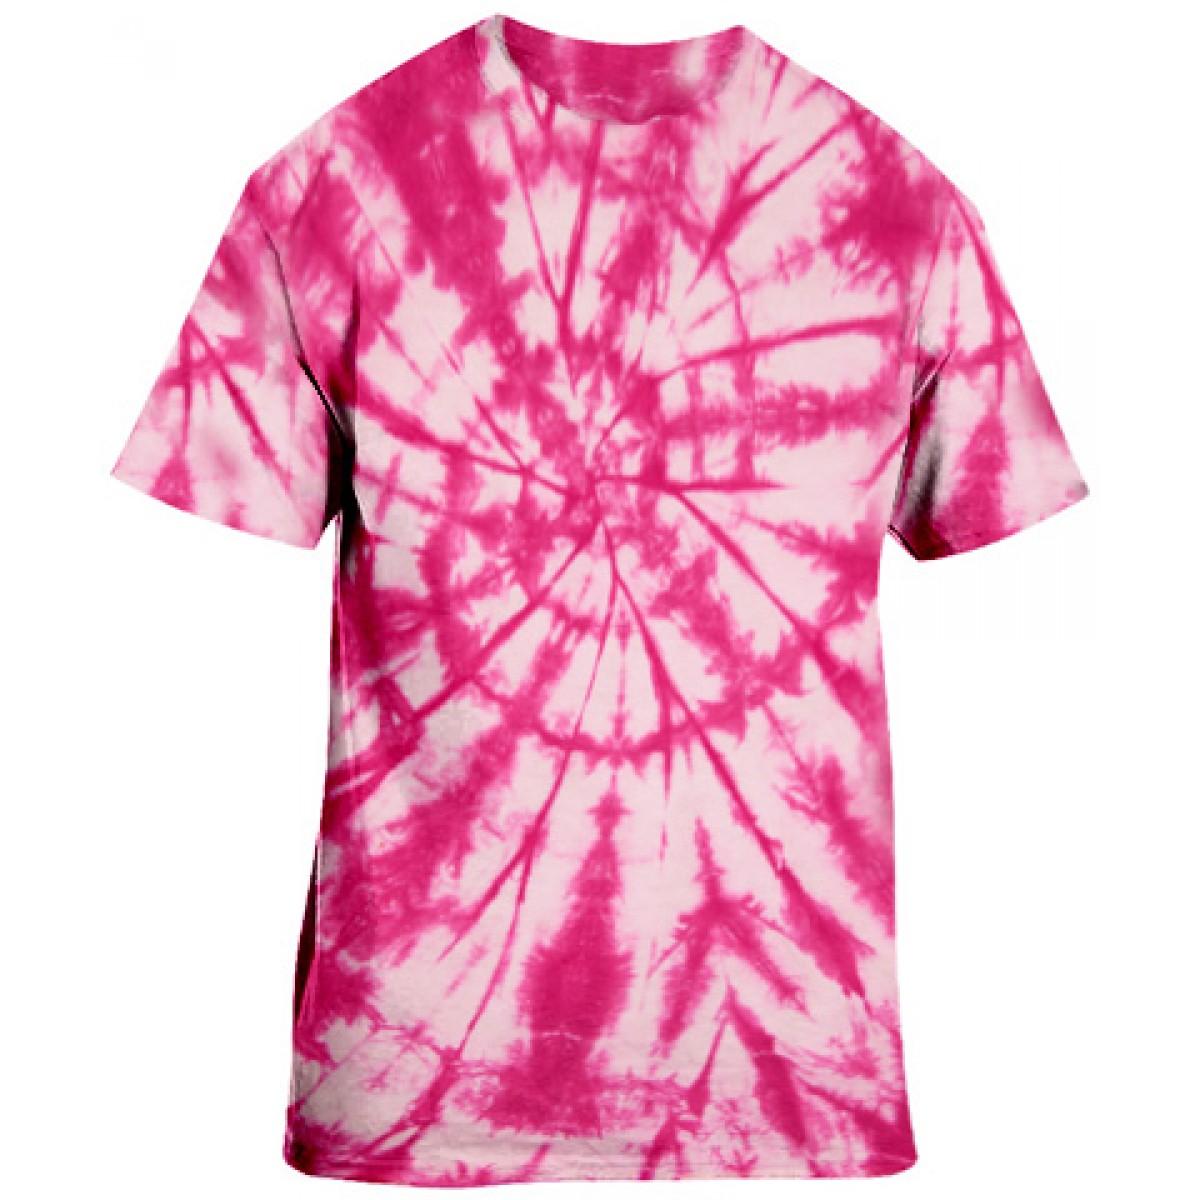 Pink Tie-Dye S/S Tee -Pink-YL